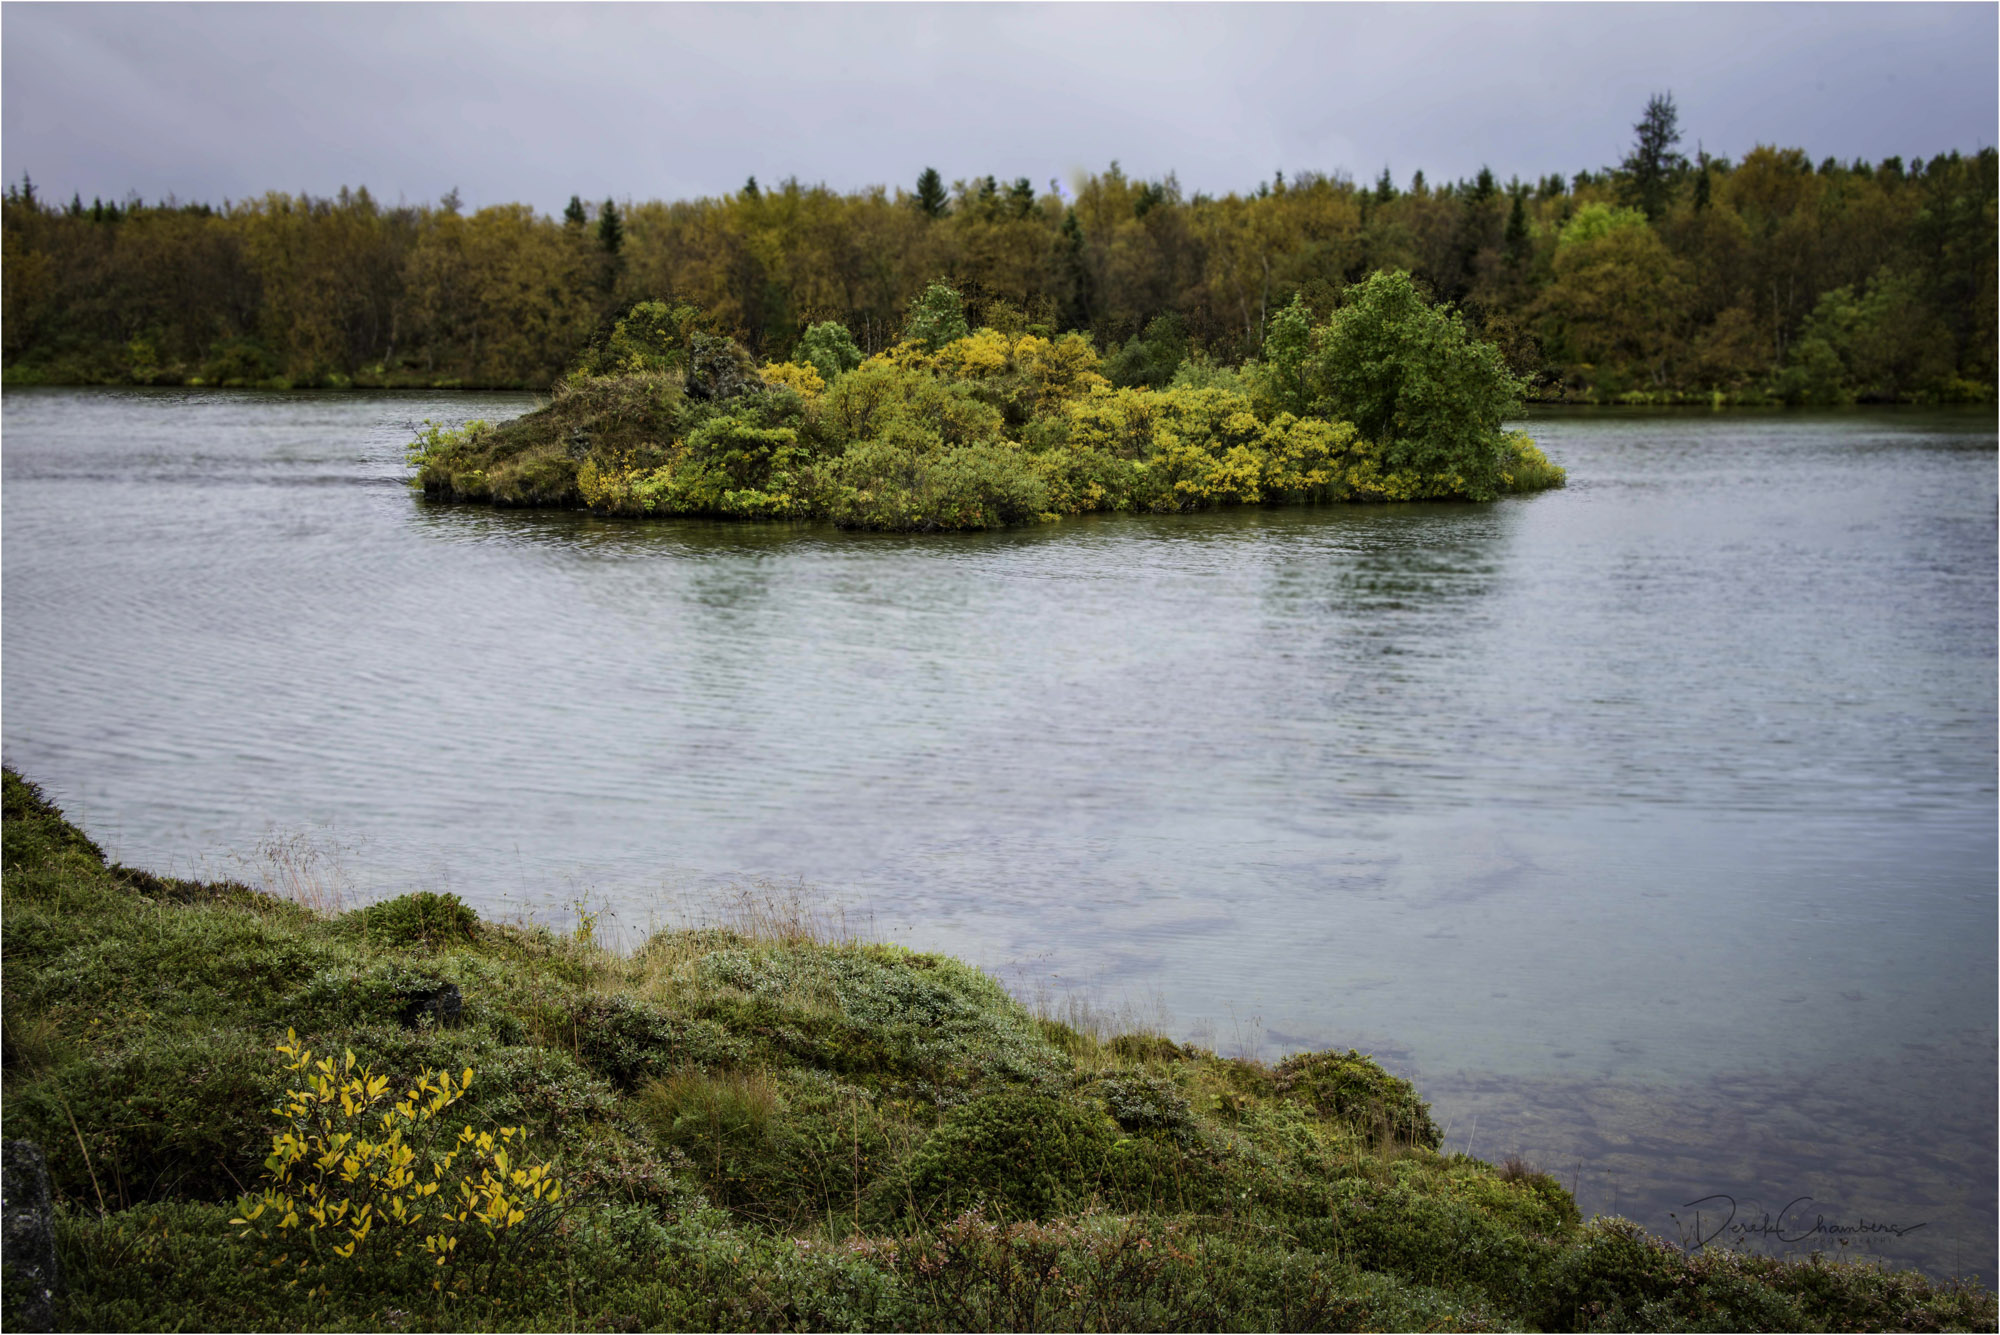 Fall colours in September - Myvatn area, Iceland - Derek Chamber